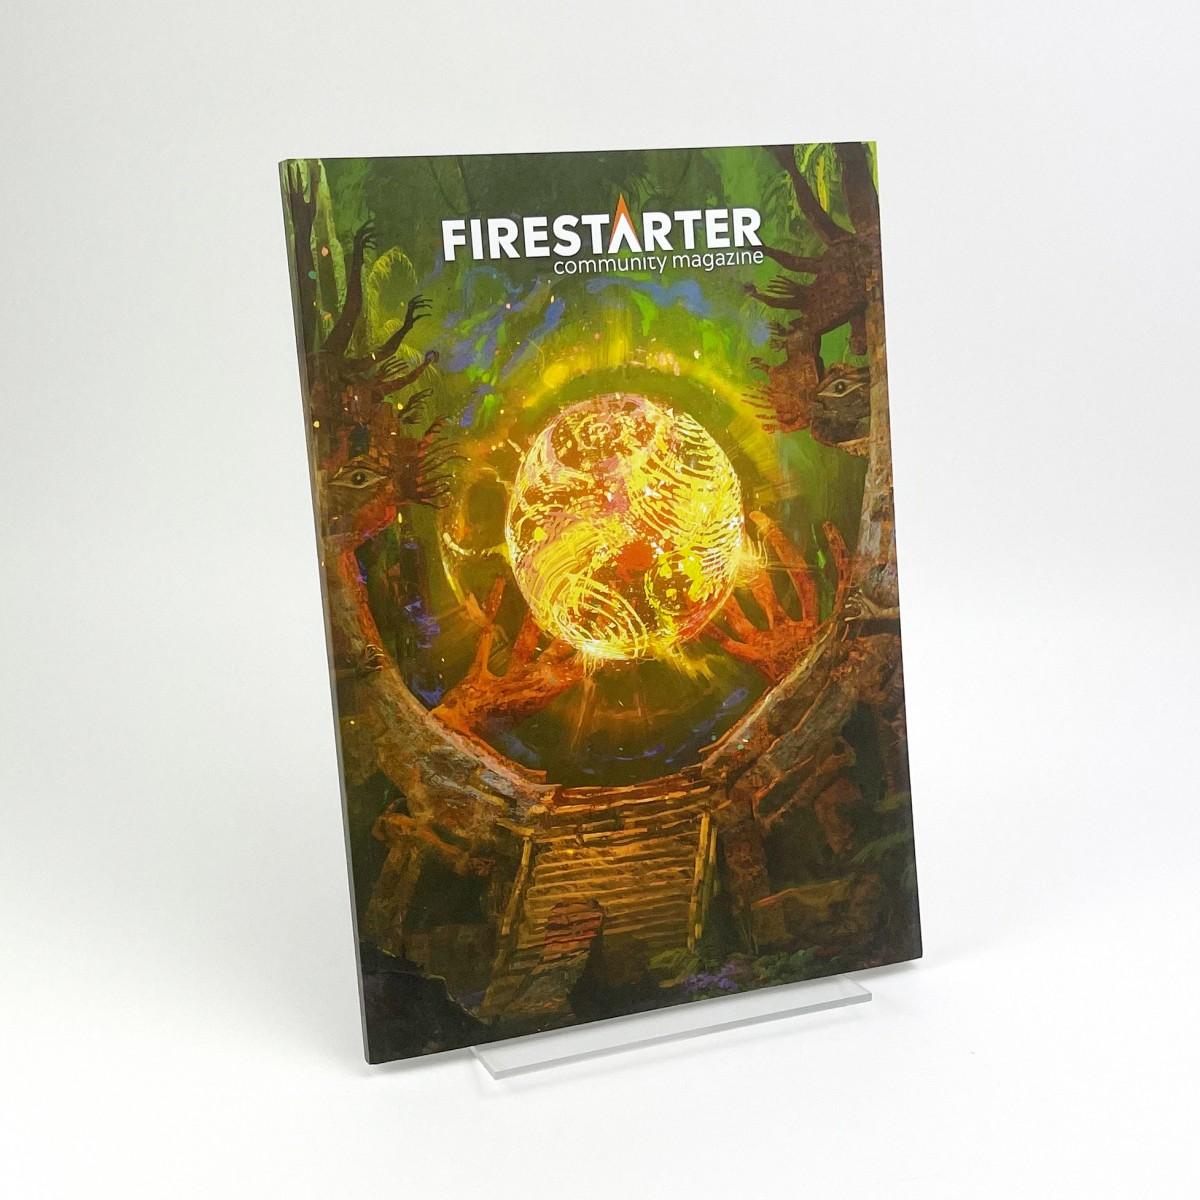 FIRESTARTER n°4 - Community Magazine